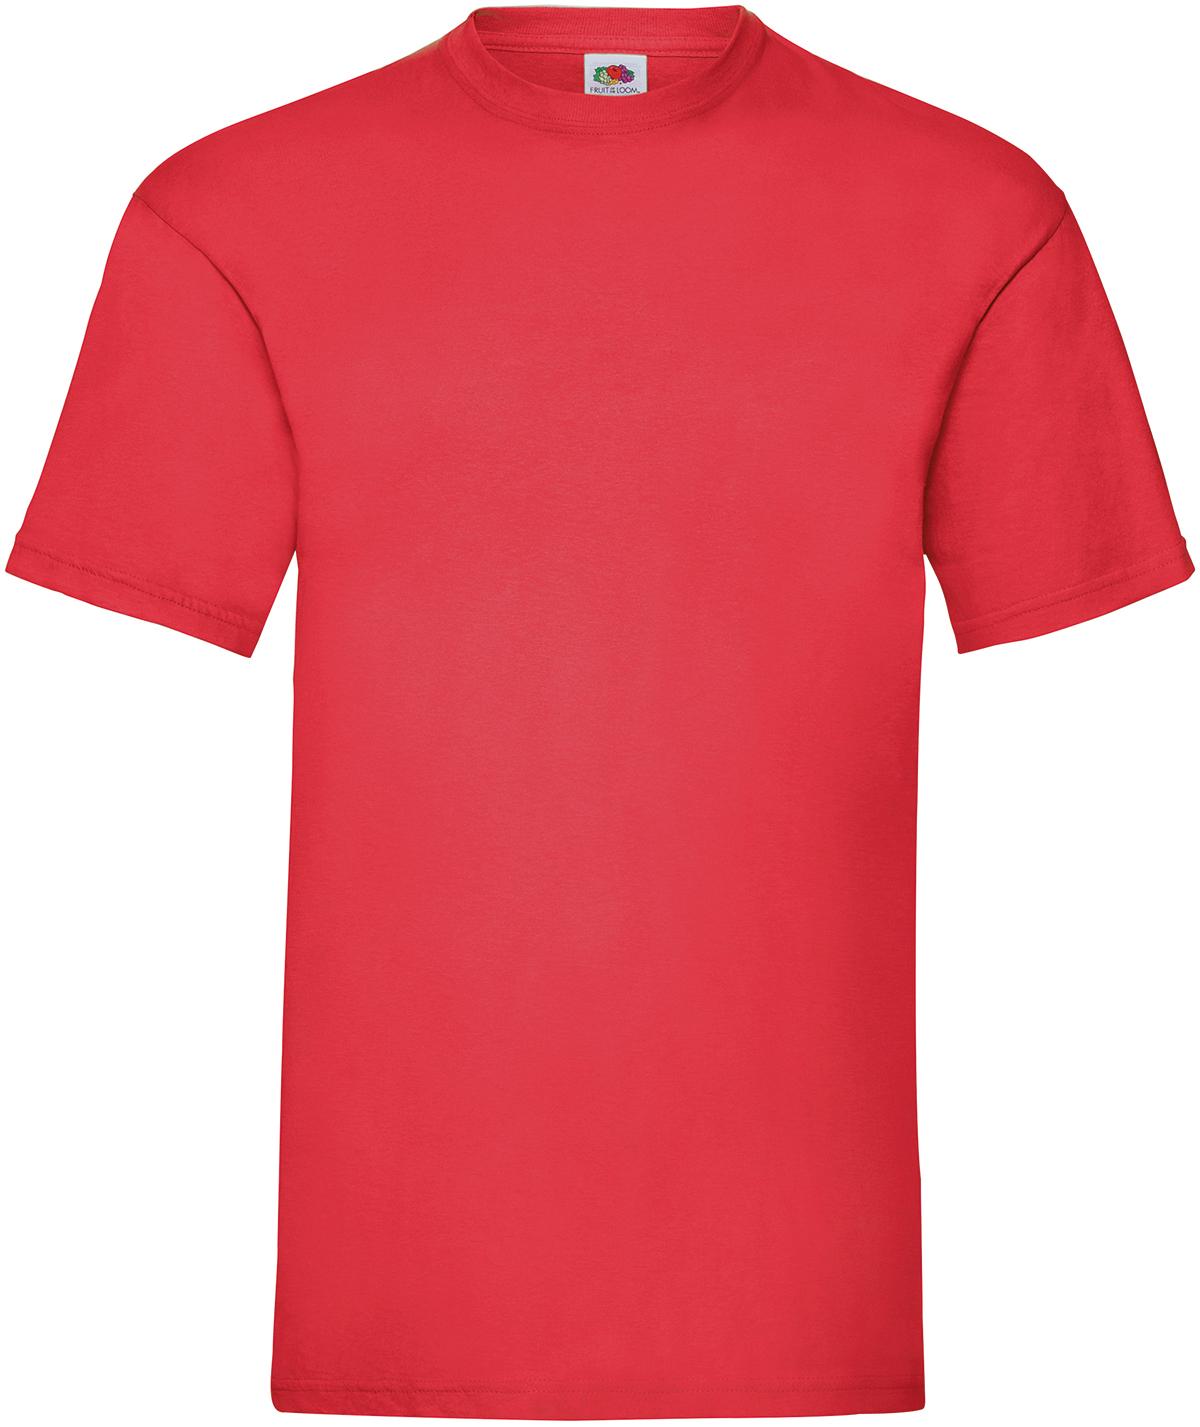 Indexbild 7 - Fruit of the Loom UNISEX T-Shirt Bestseller Top Angebot Herren Damen NEU